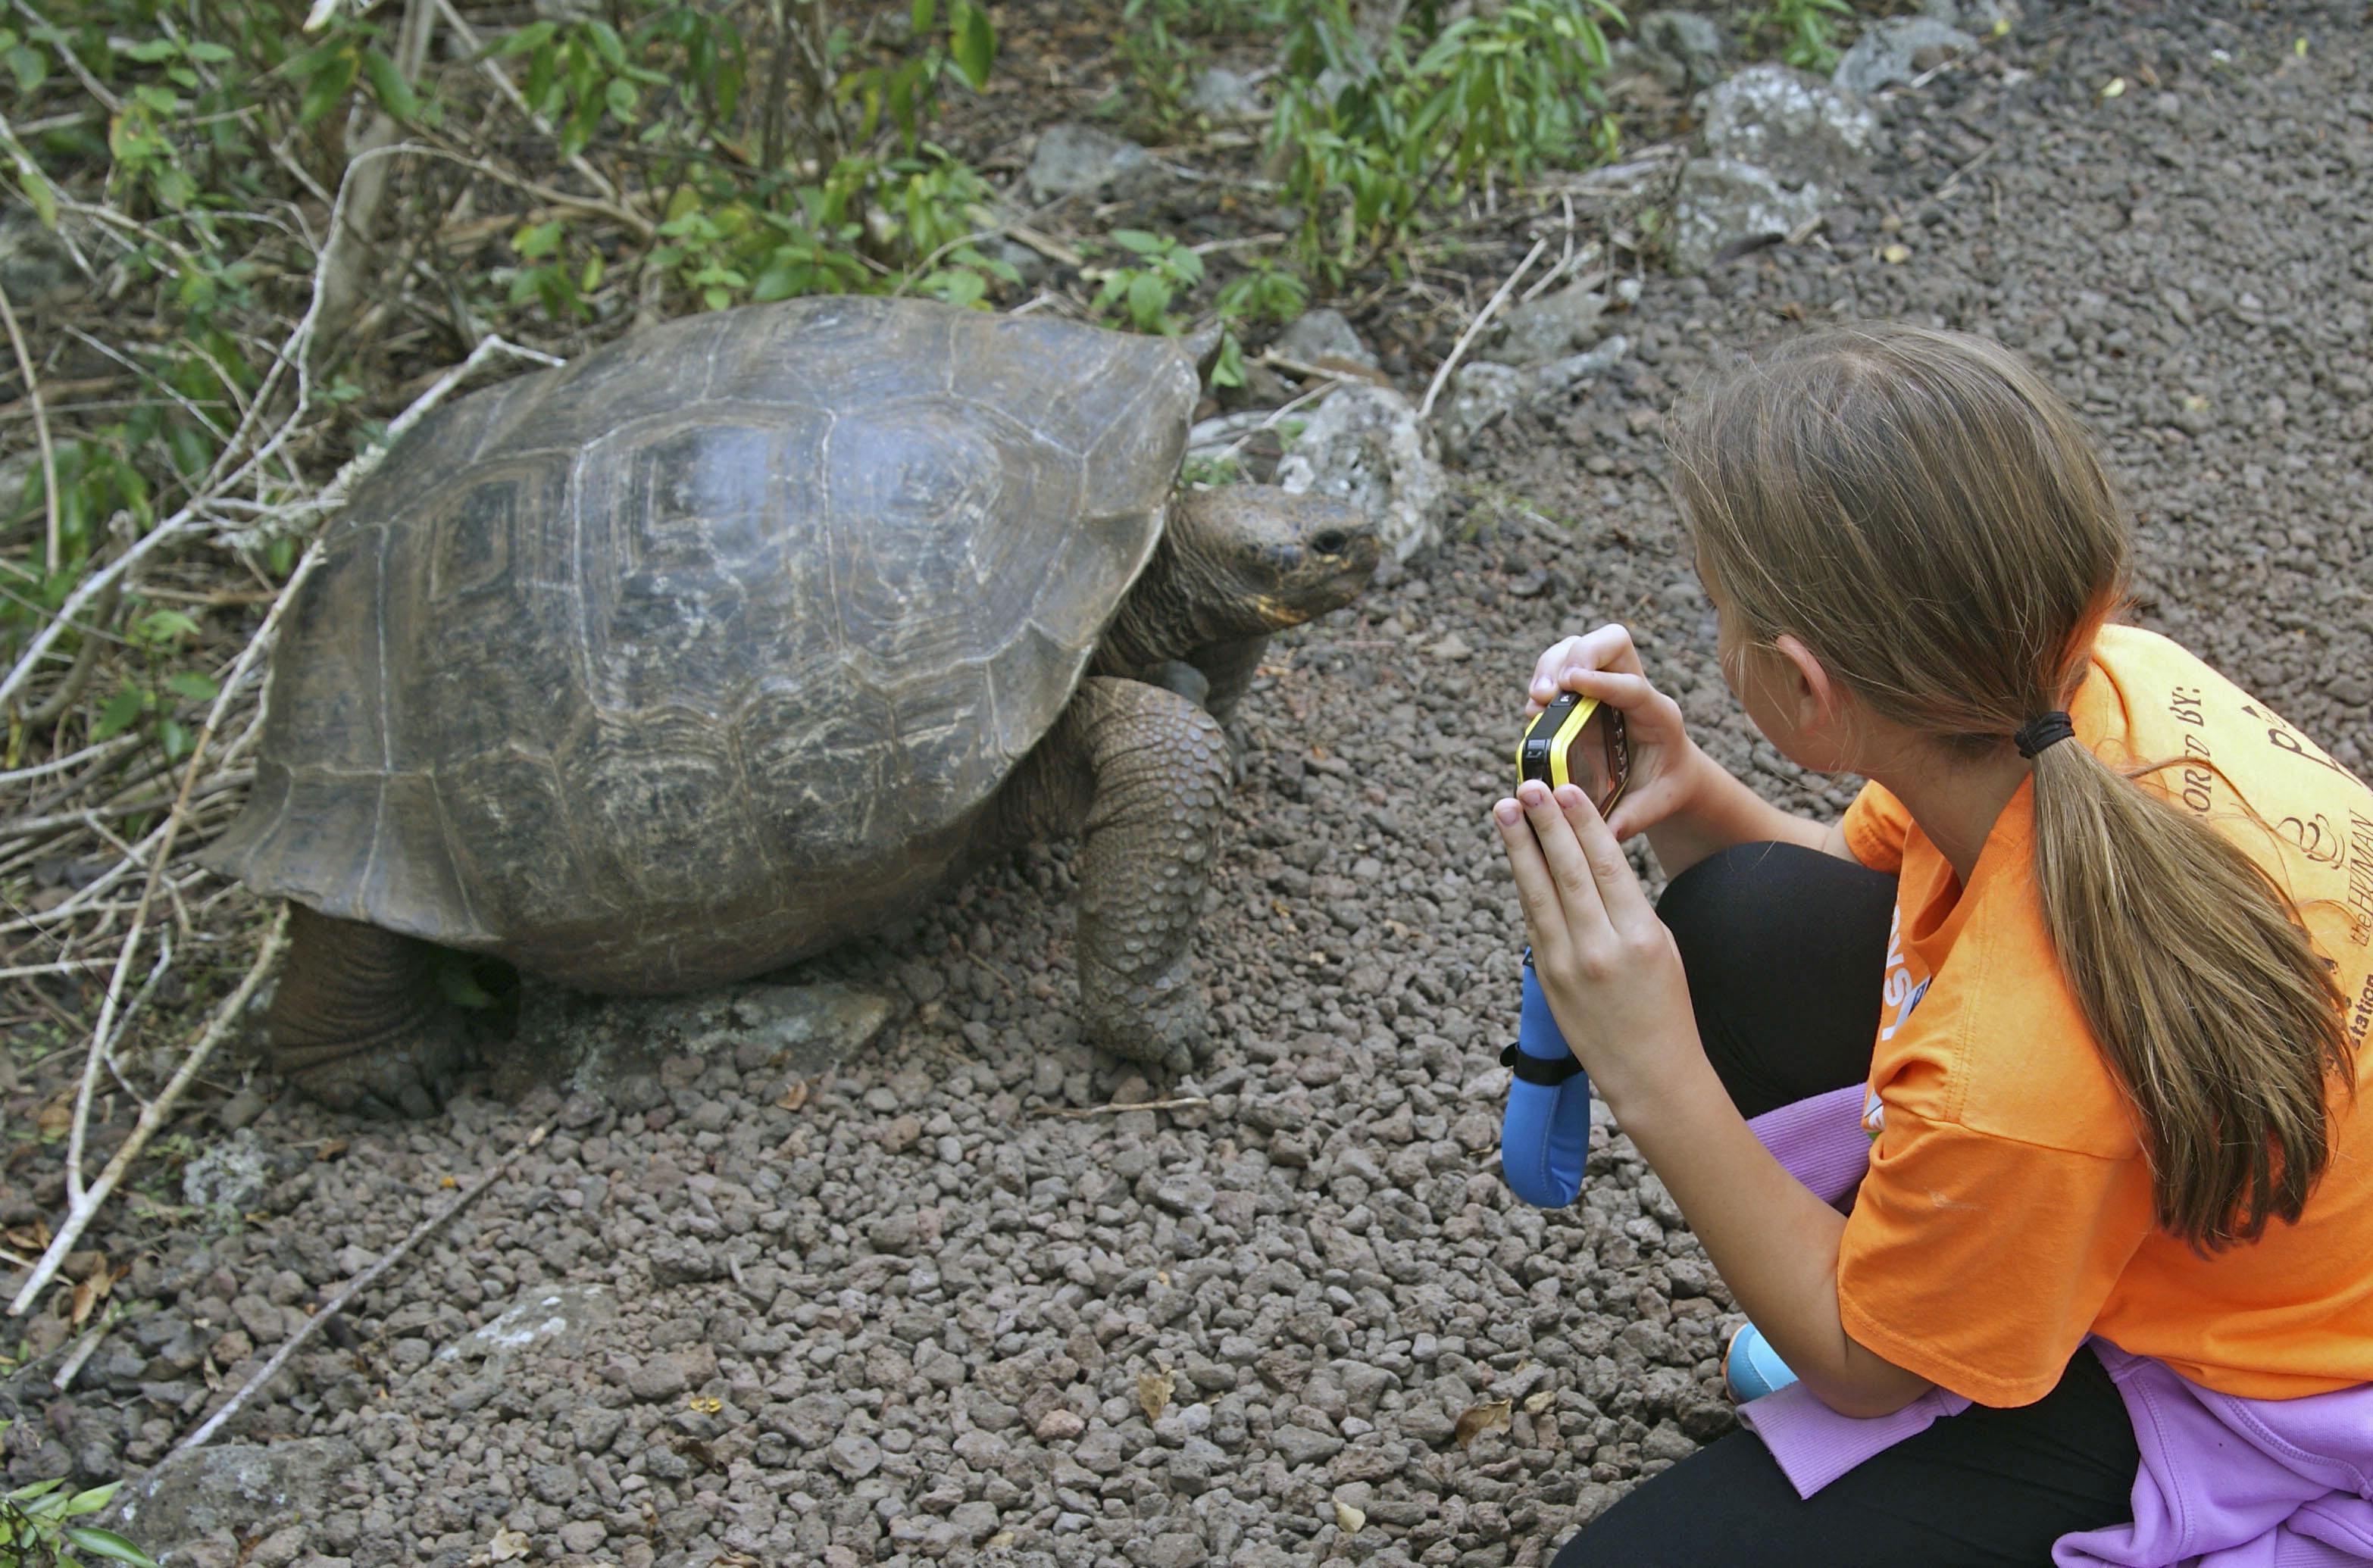 ガラパゴス諸島サンクリストバル島では、数が増えつつあるゾウガメを観光客が見られるようになってきた。一定の距離を保つルールはあるが、向こうから人に近づいてくることもある=11月(共同)